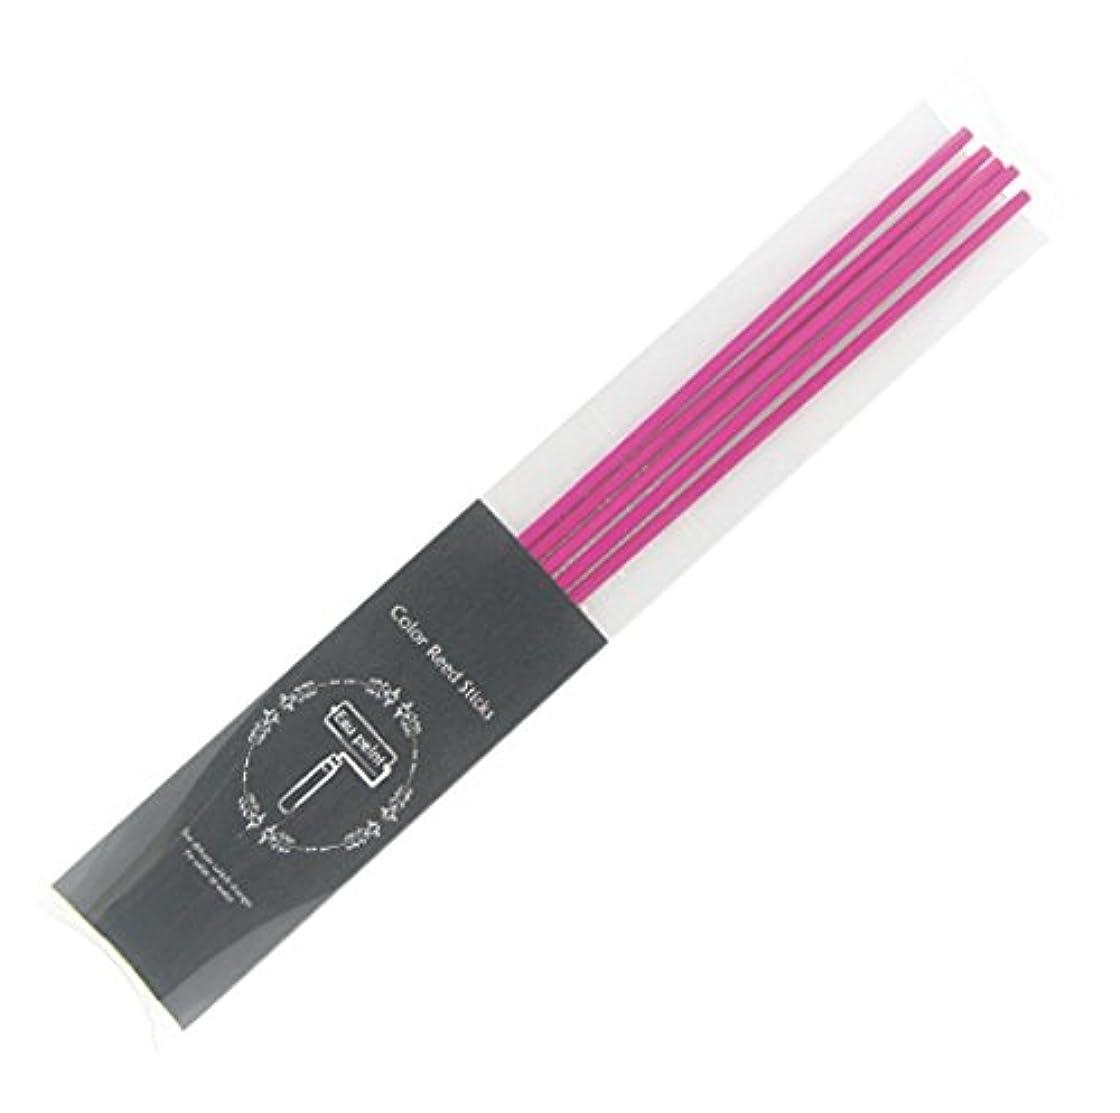 木製できればギャップEau peint mais+ カラースティック リードディフューザー用スティック 5本入 ピンク Pink オーペイント マイス